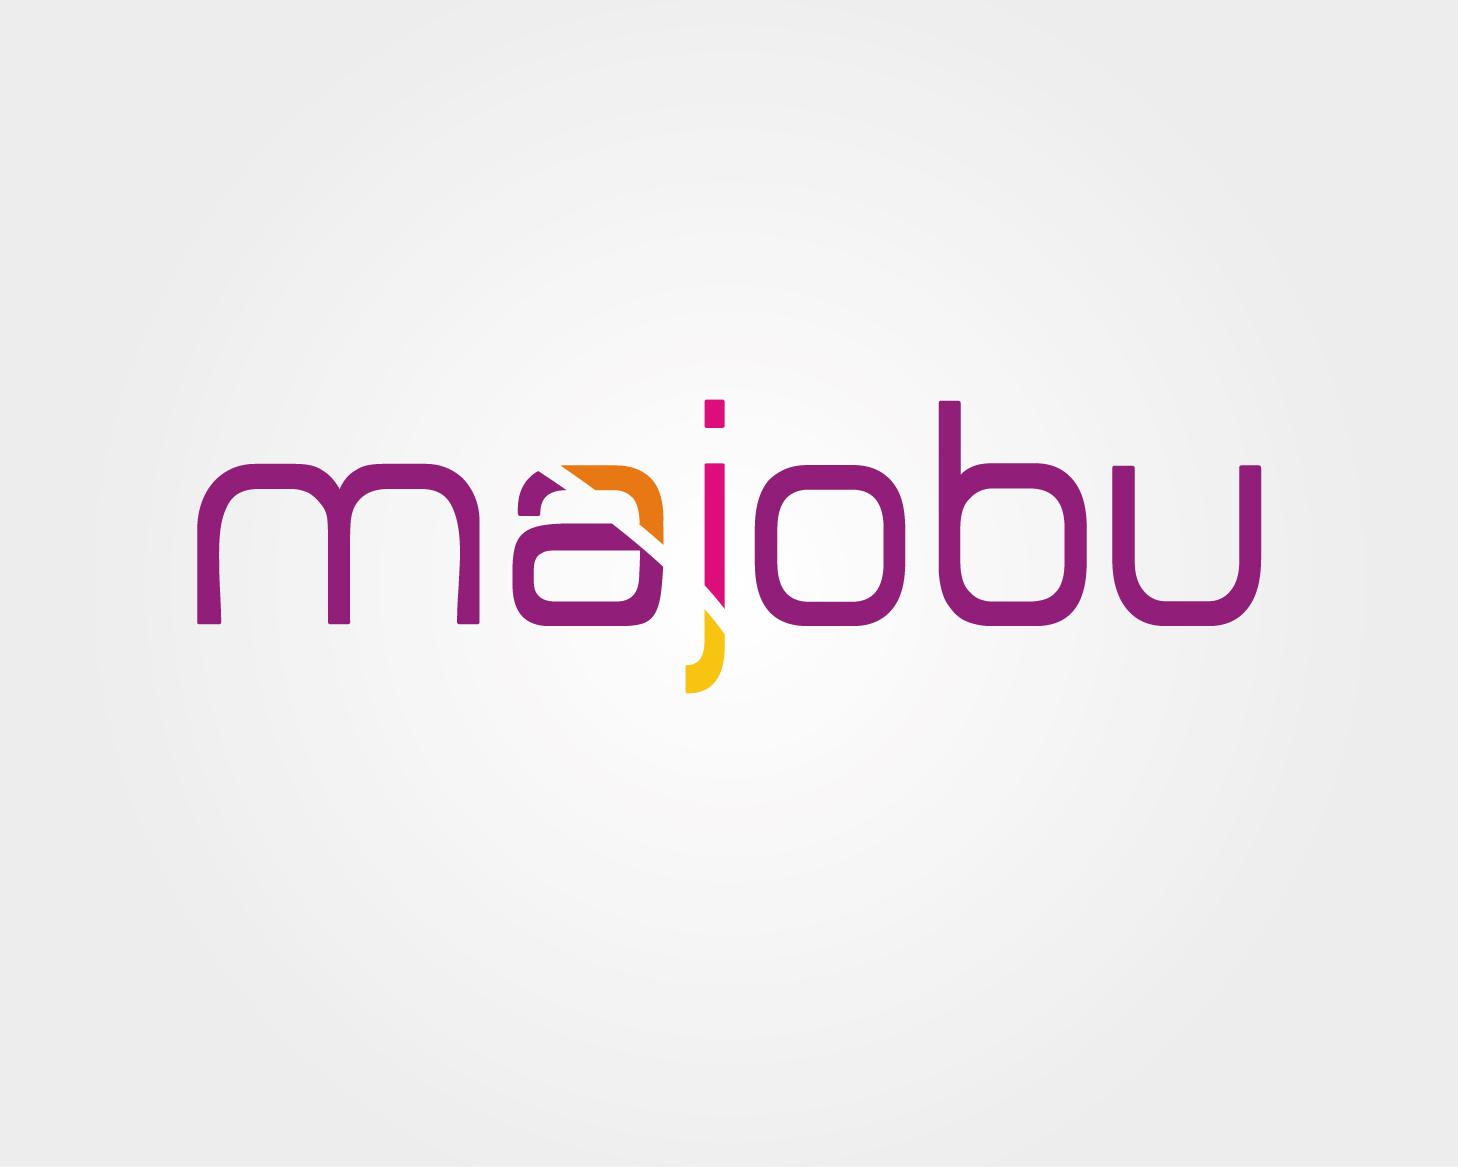 Logo Design by VENTSISLAV KOVACHEV - Entry No. 85 in the Logo Design Contest Inspiring Logo Design for Majobu.